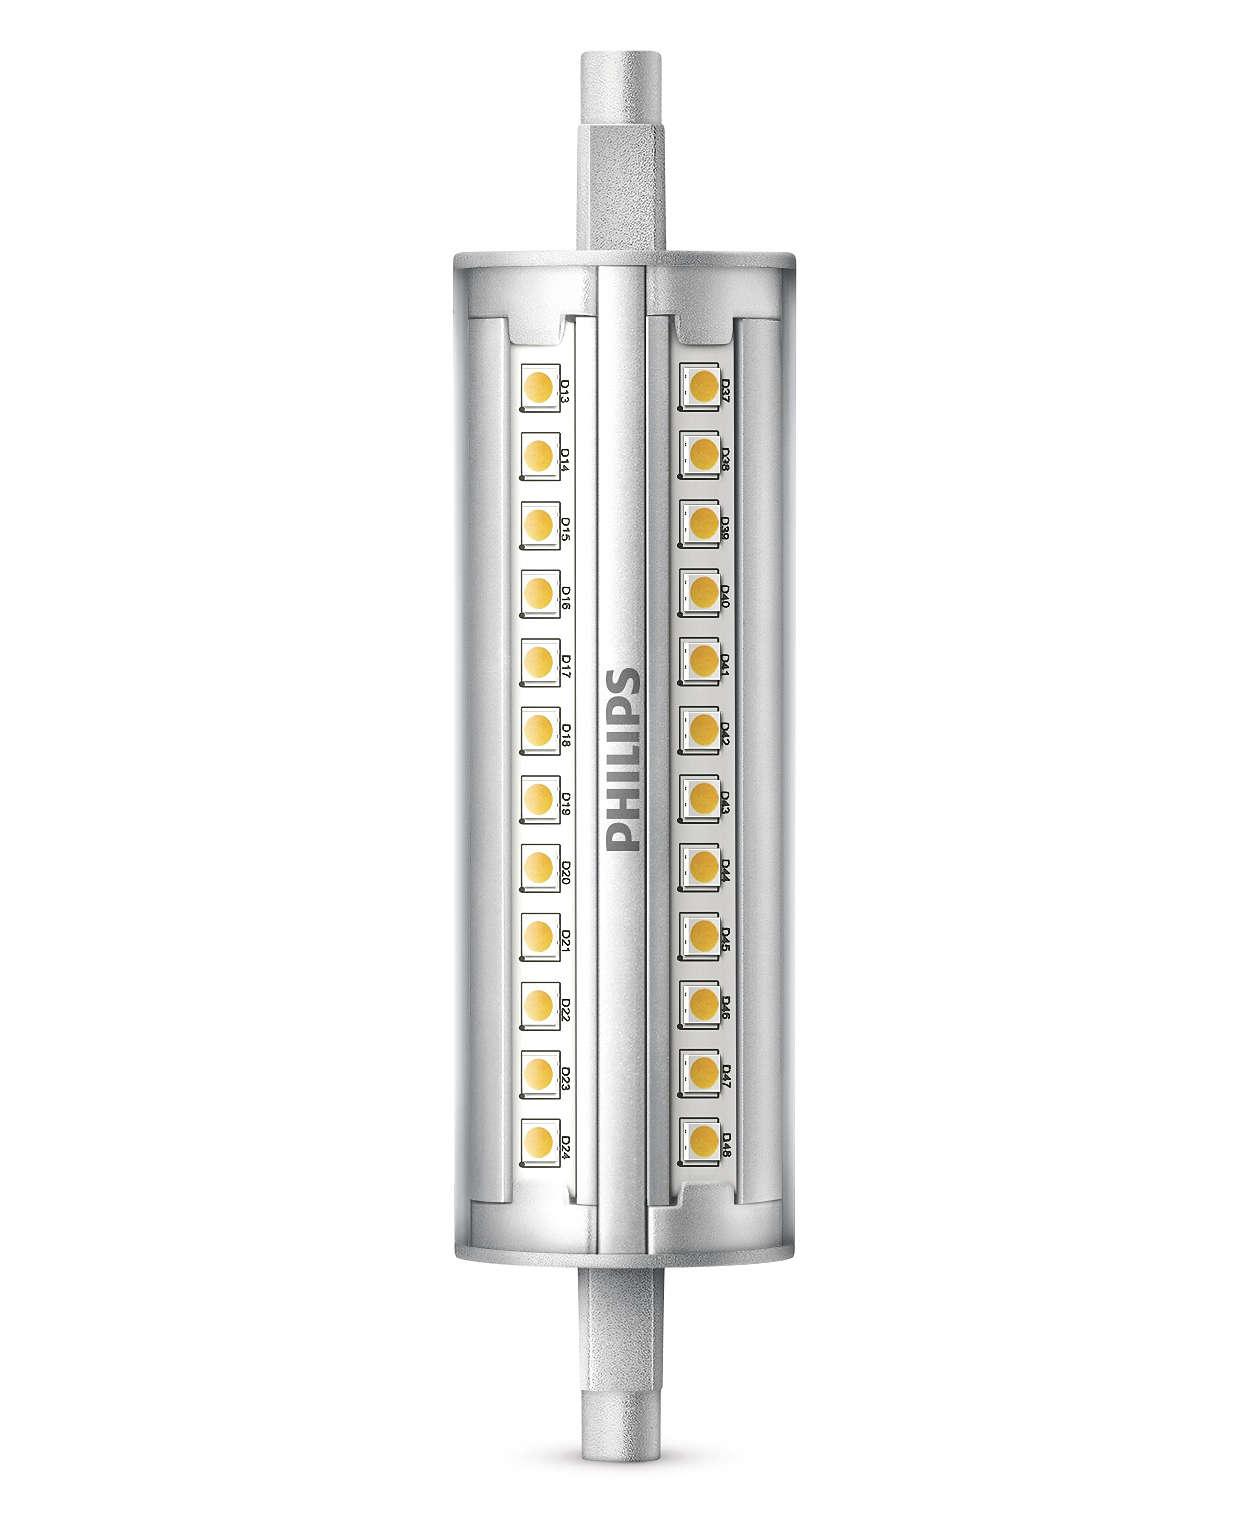 Himmennettävä lineaarinen LED-valo, jossa 300 asteen valokeila